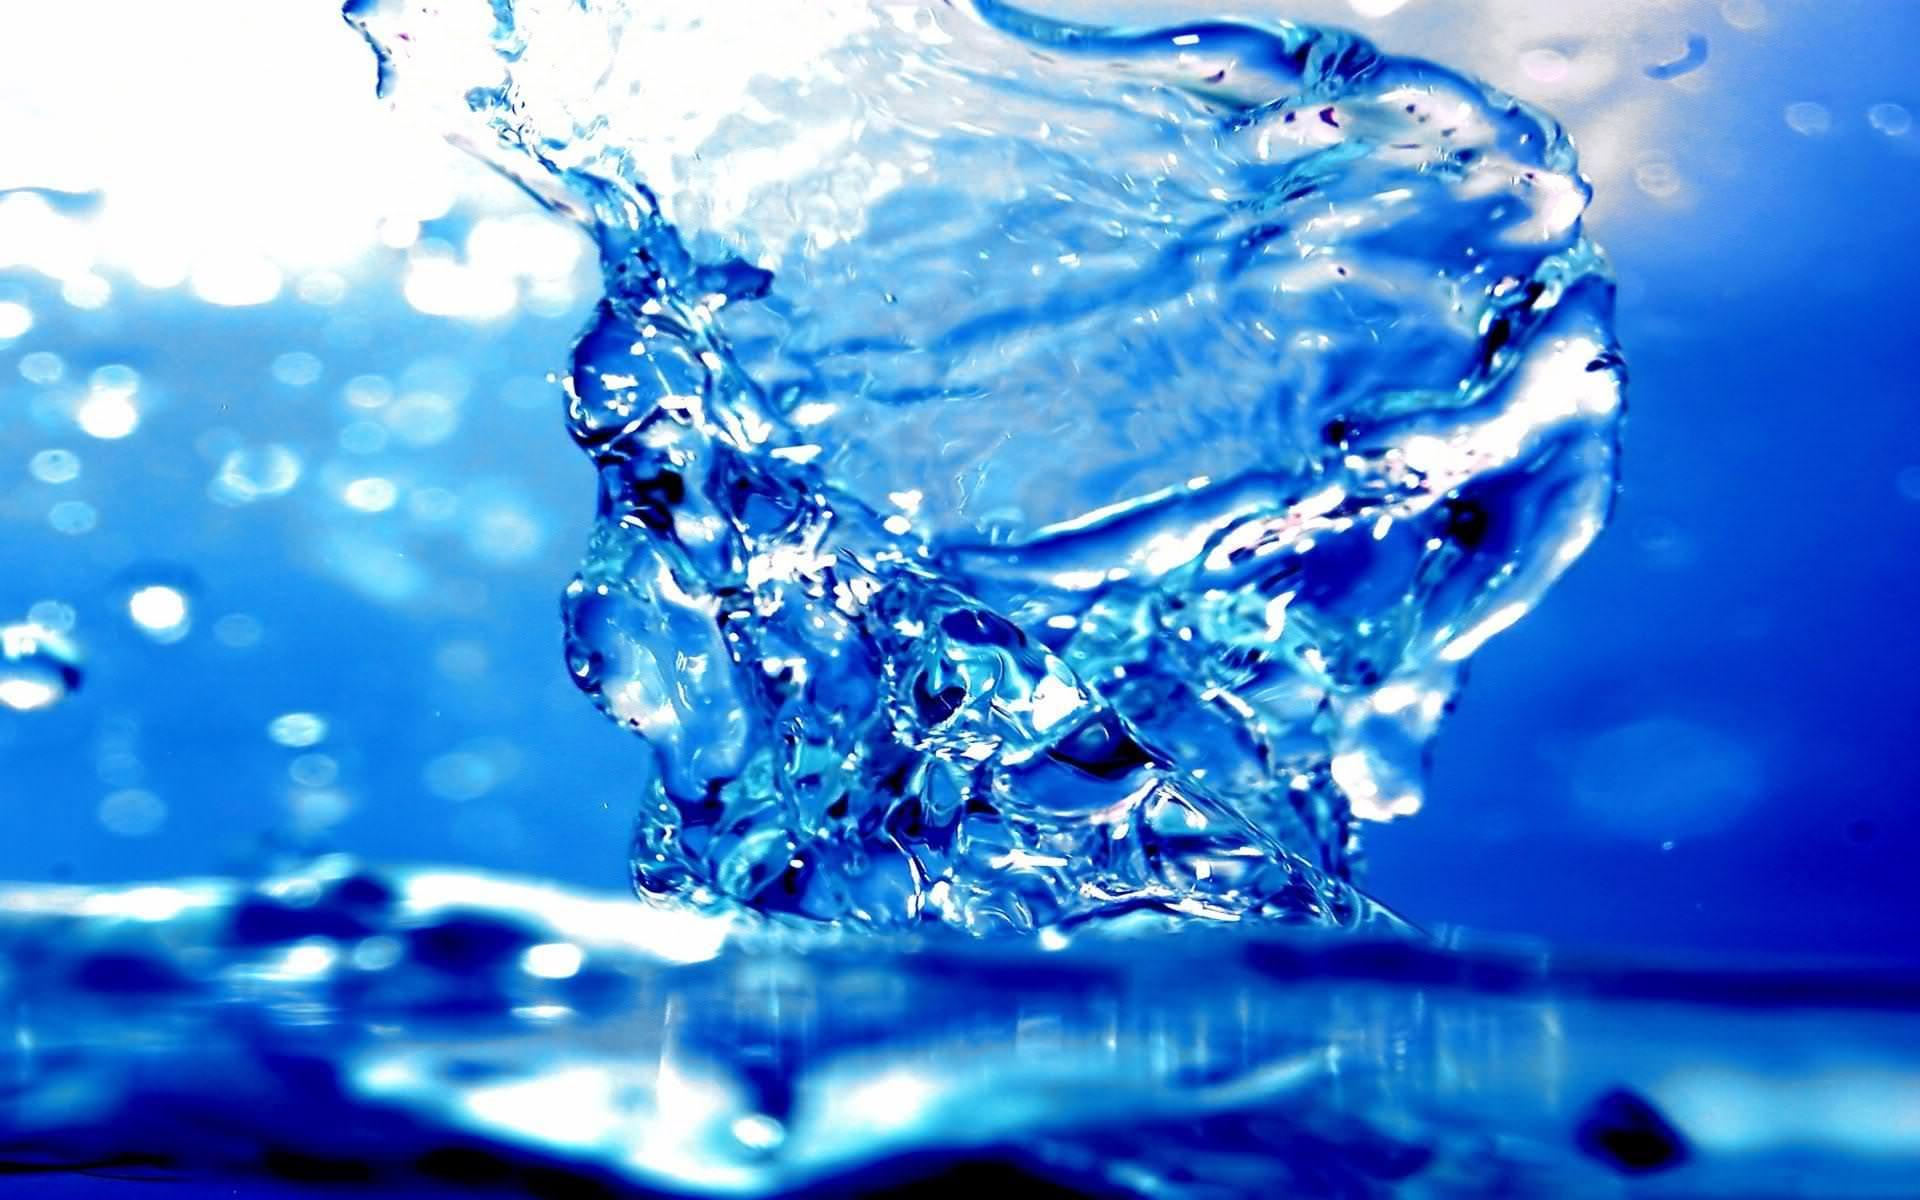 Trippy Wallpaper Water